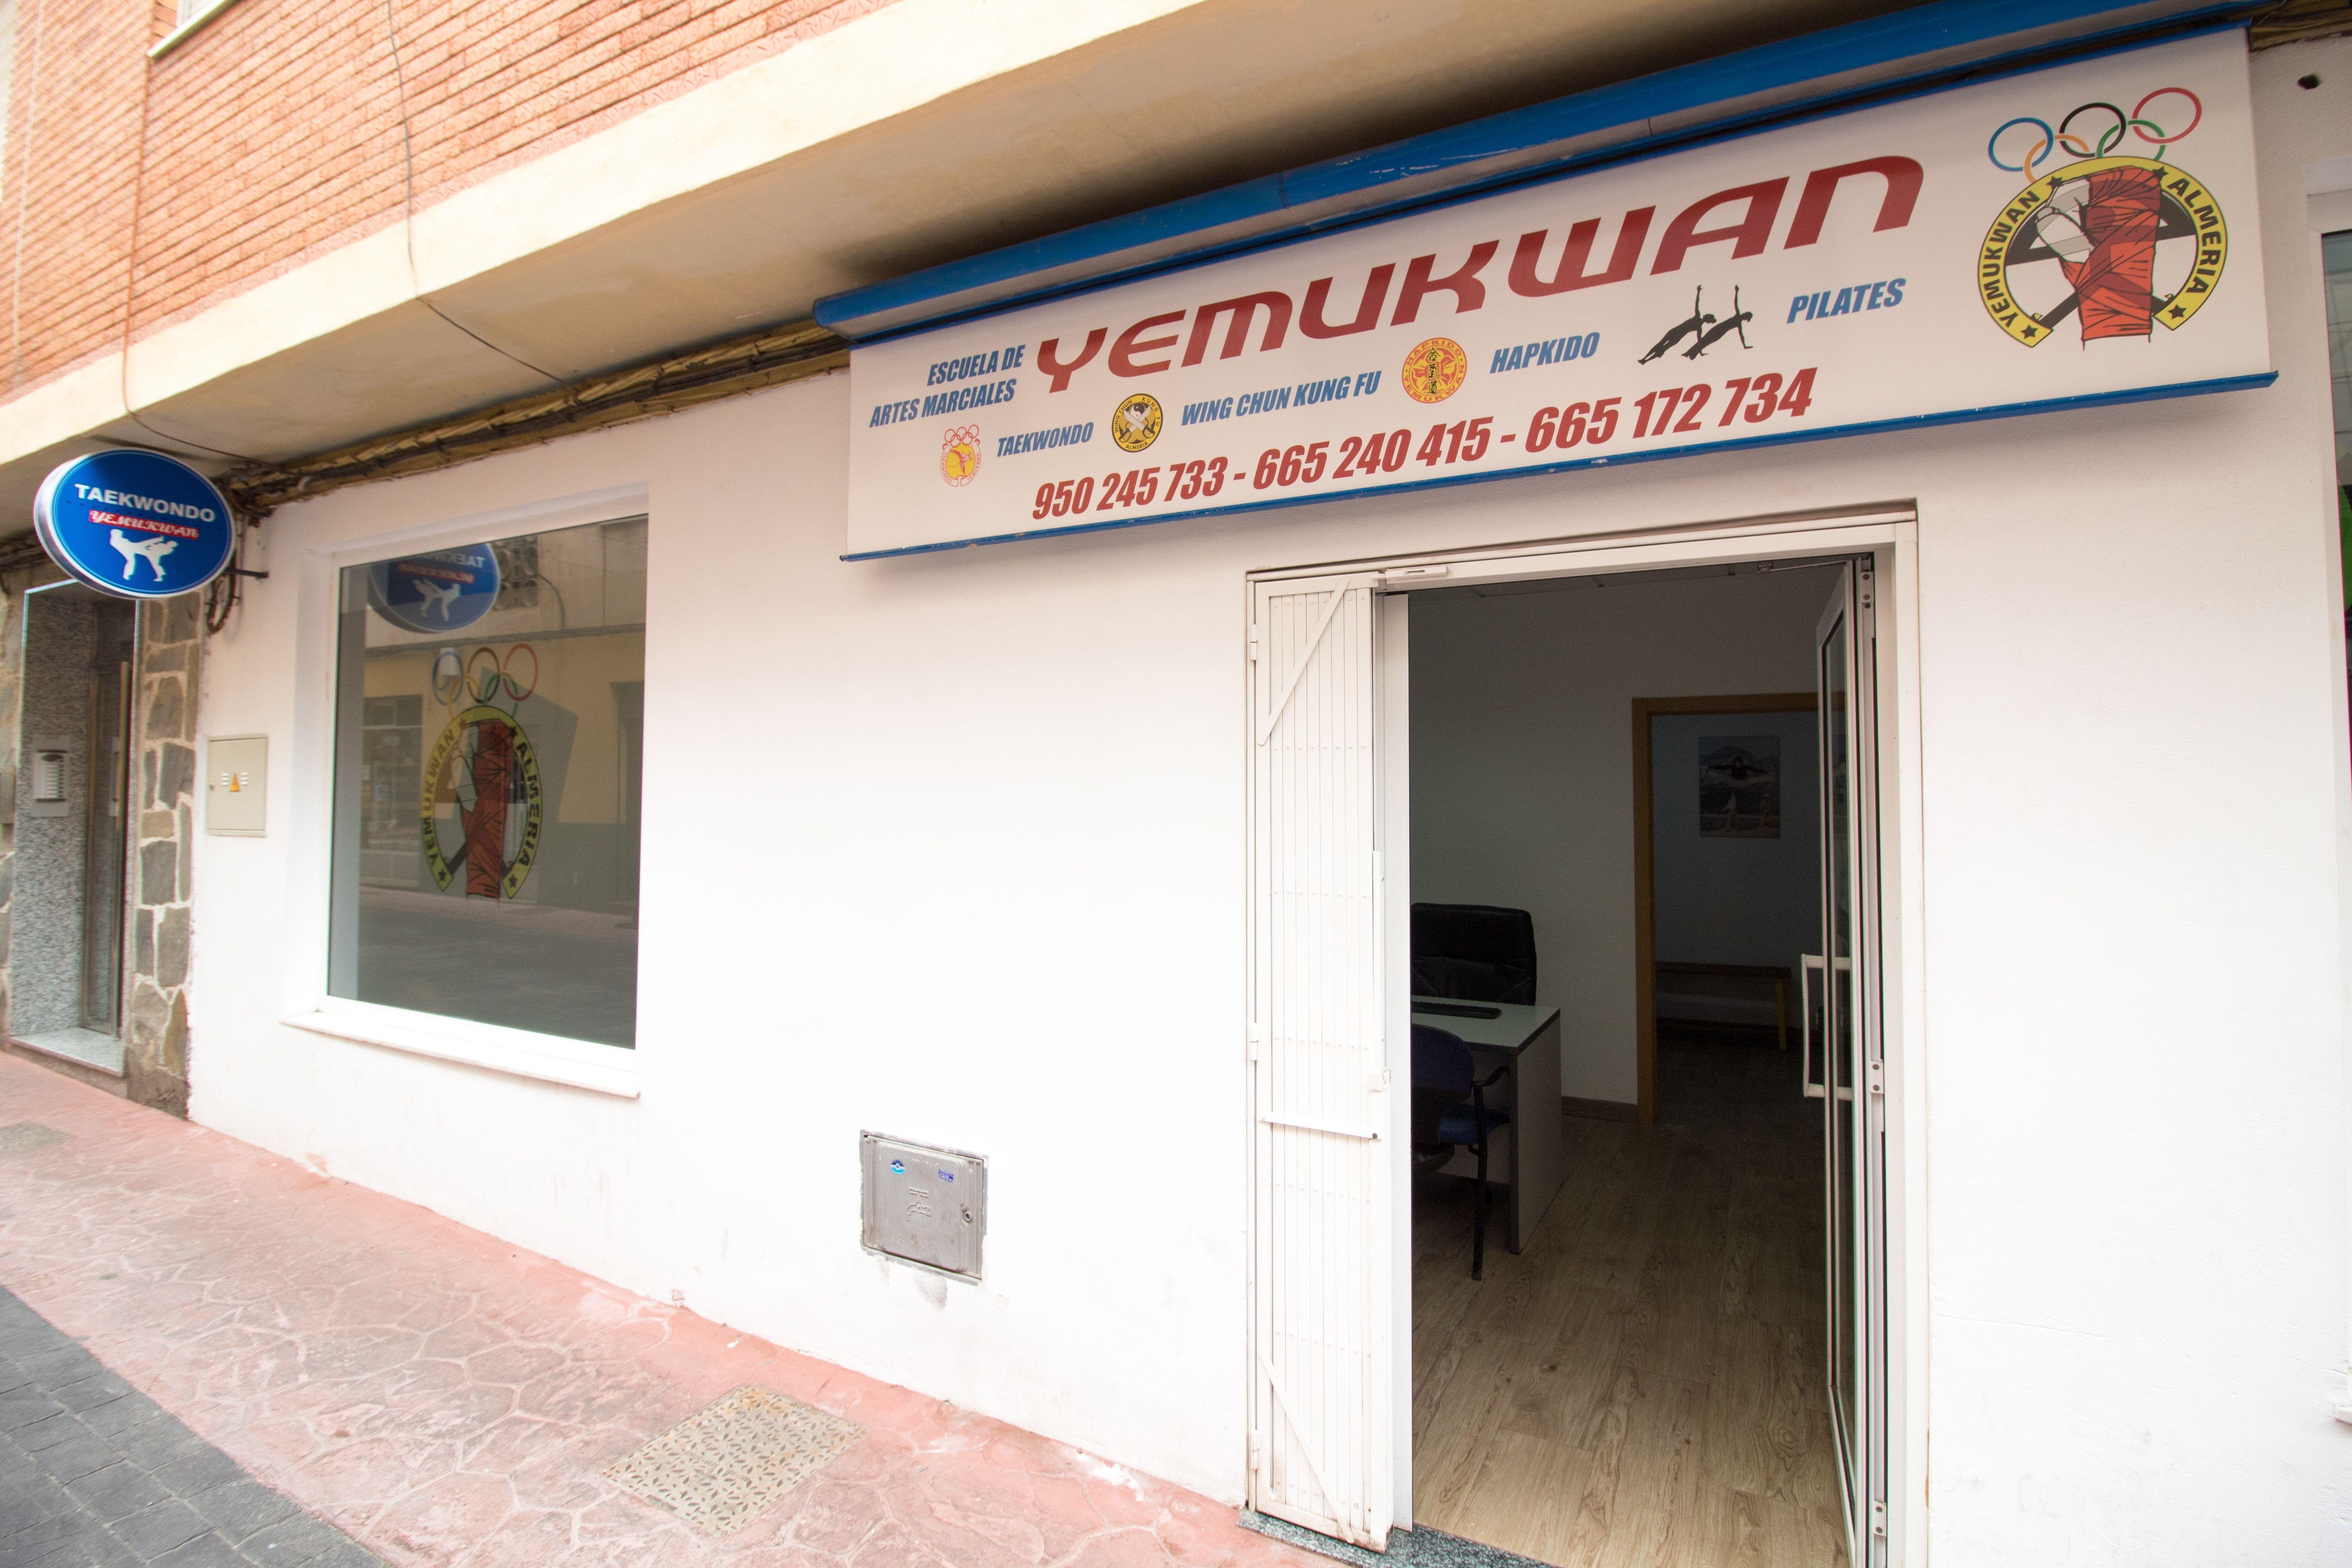 Foto 1 de Gimnasios en Almería | Yemukwan  Almería